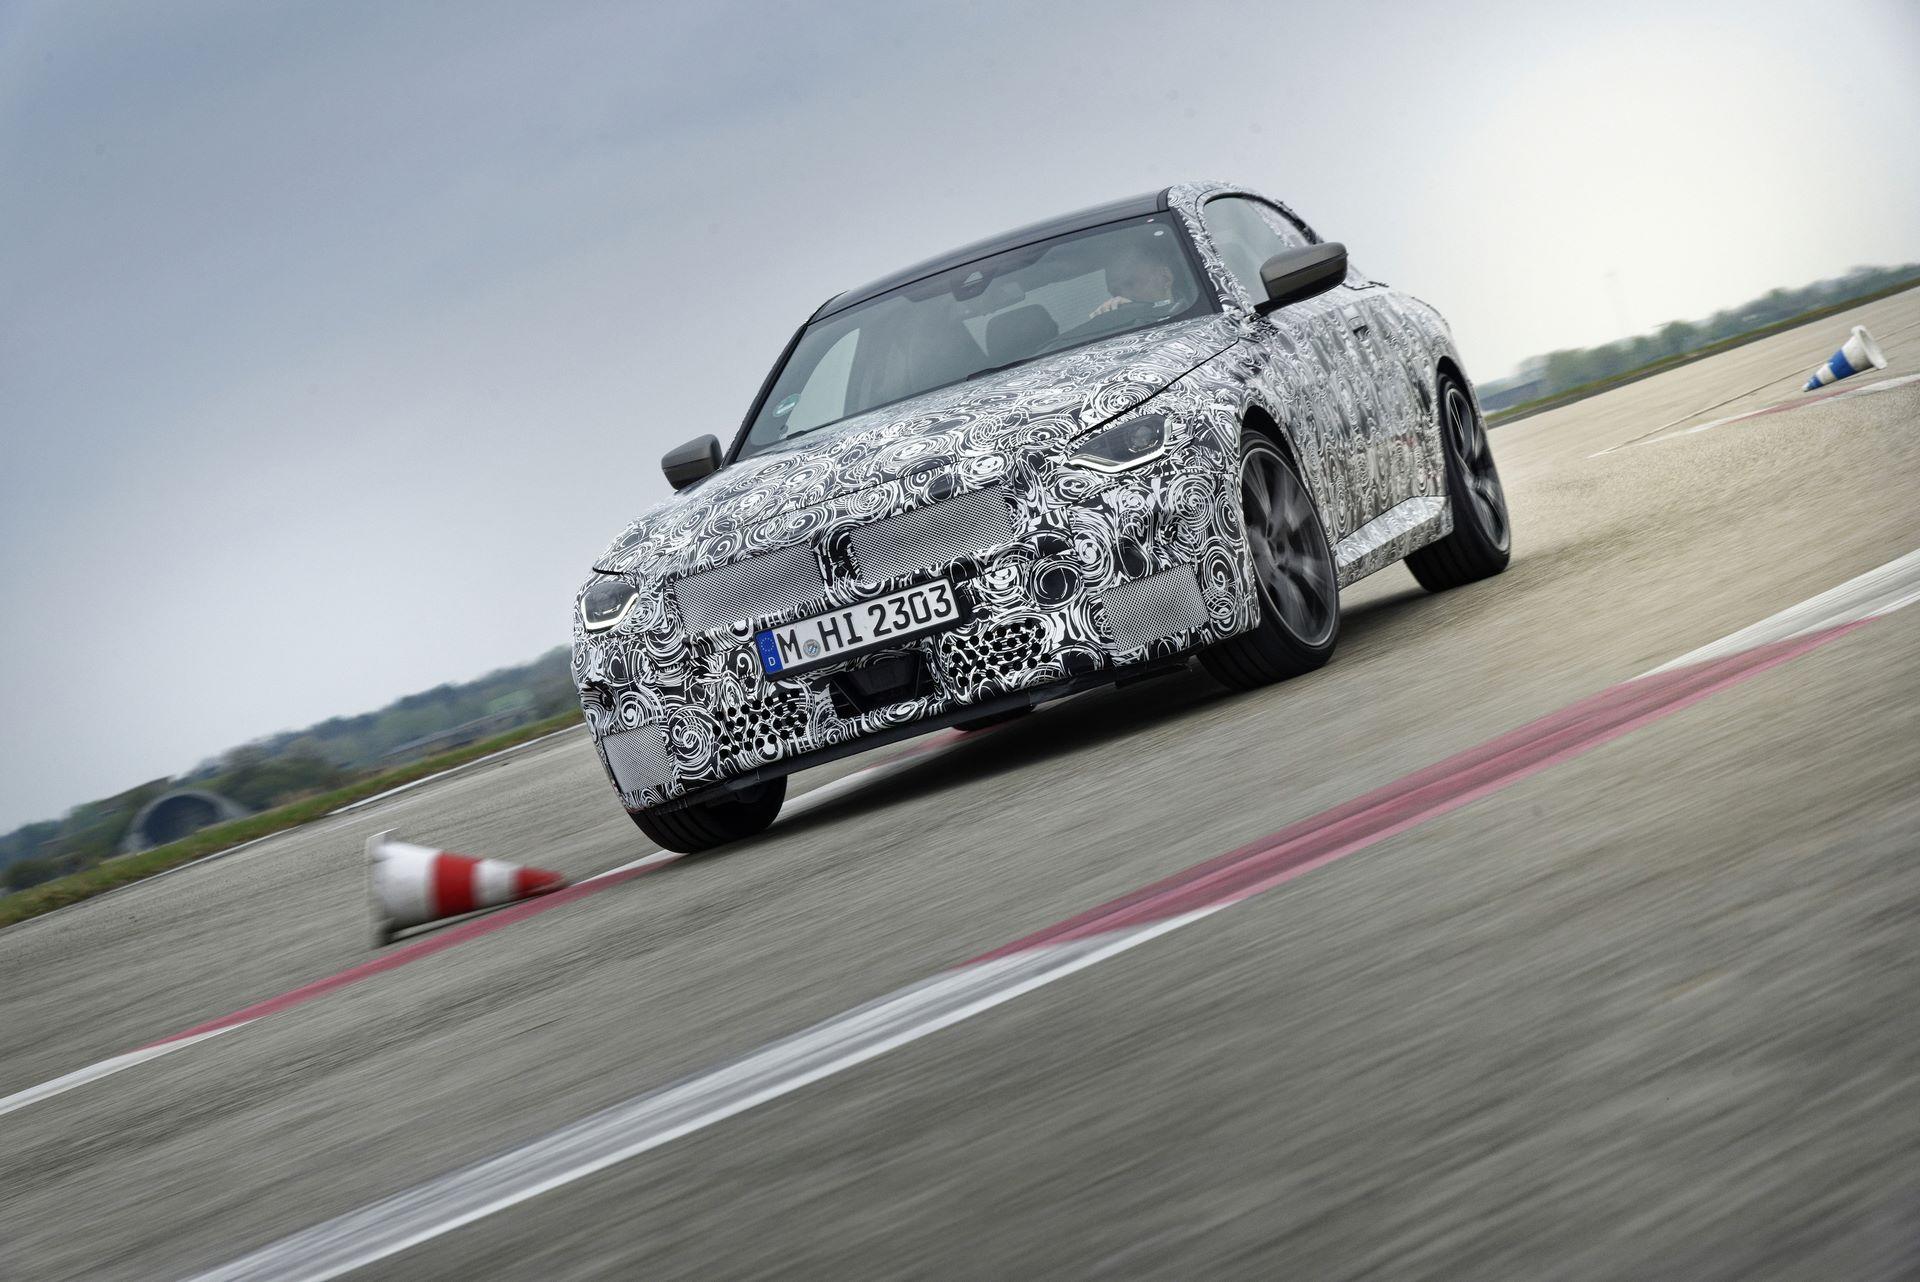 BMW-2-Series-M240i-spy-photos-73